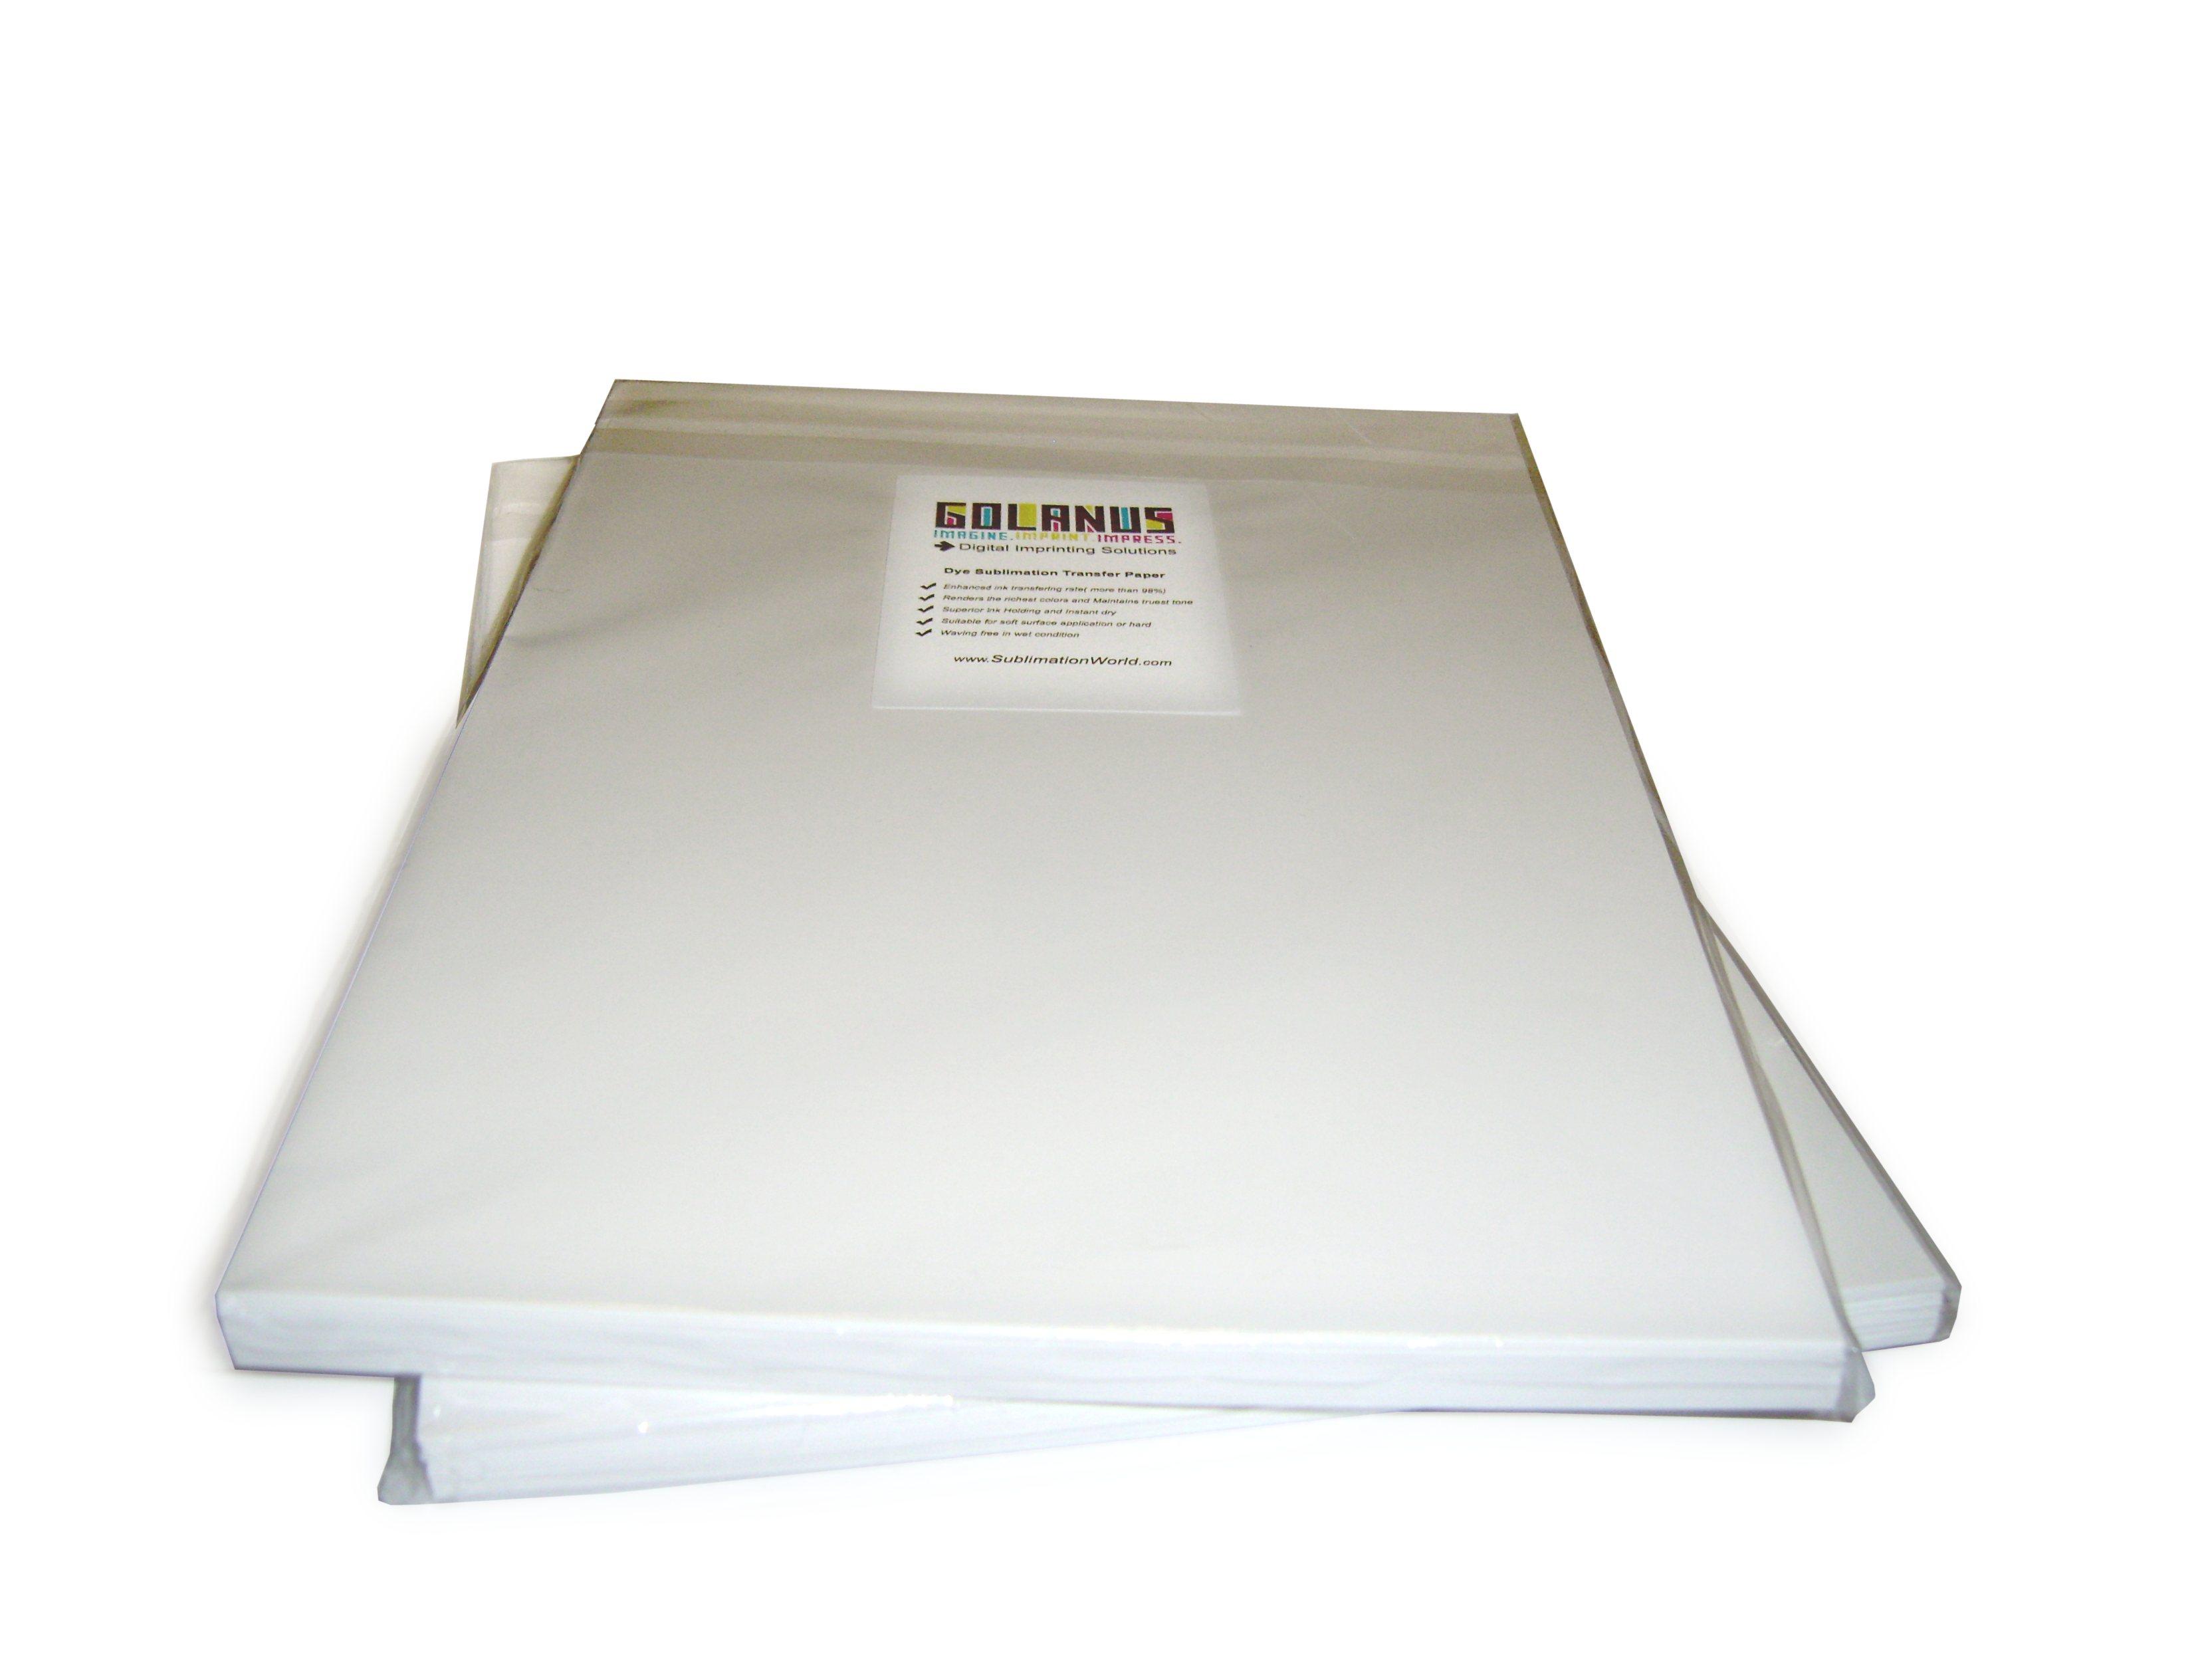 נייר סובלימציה רב שימושי 250 דף  A4